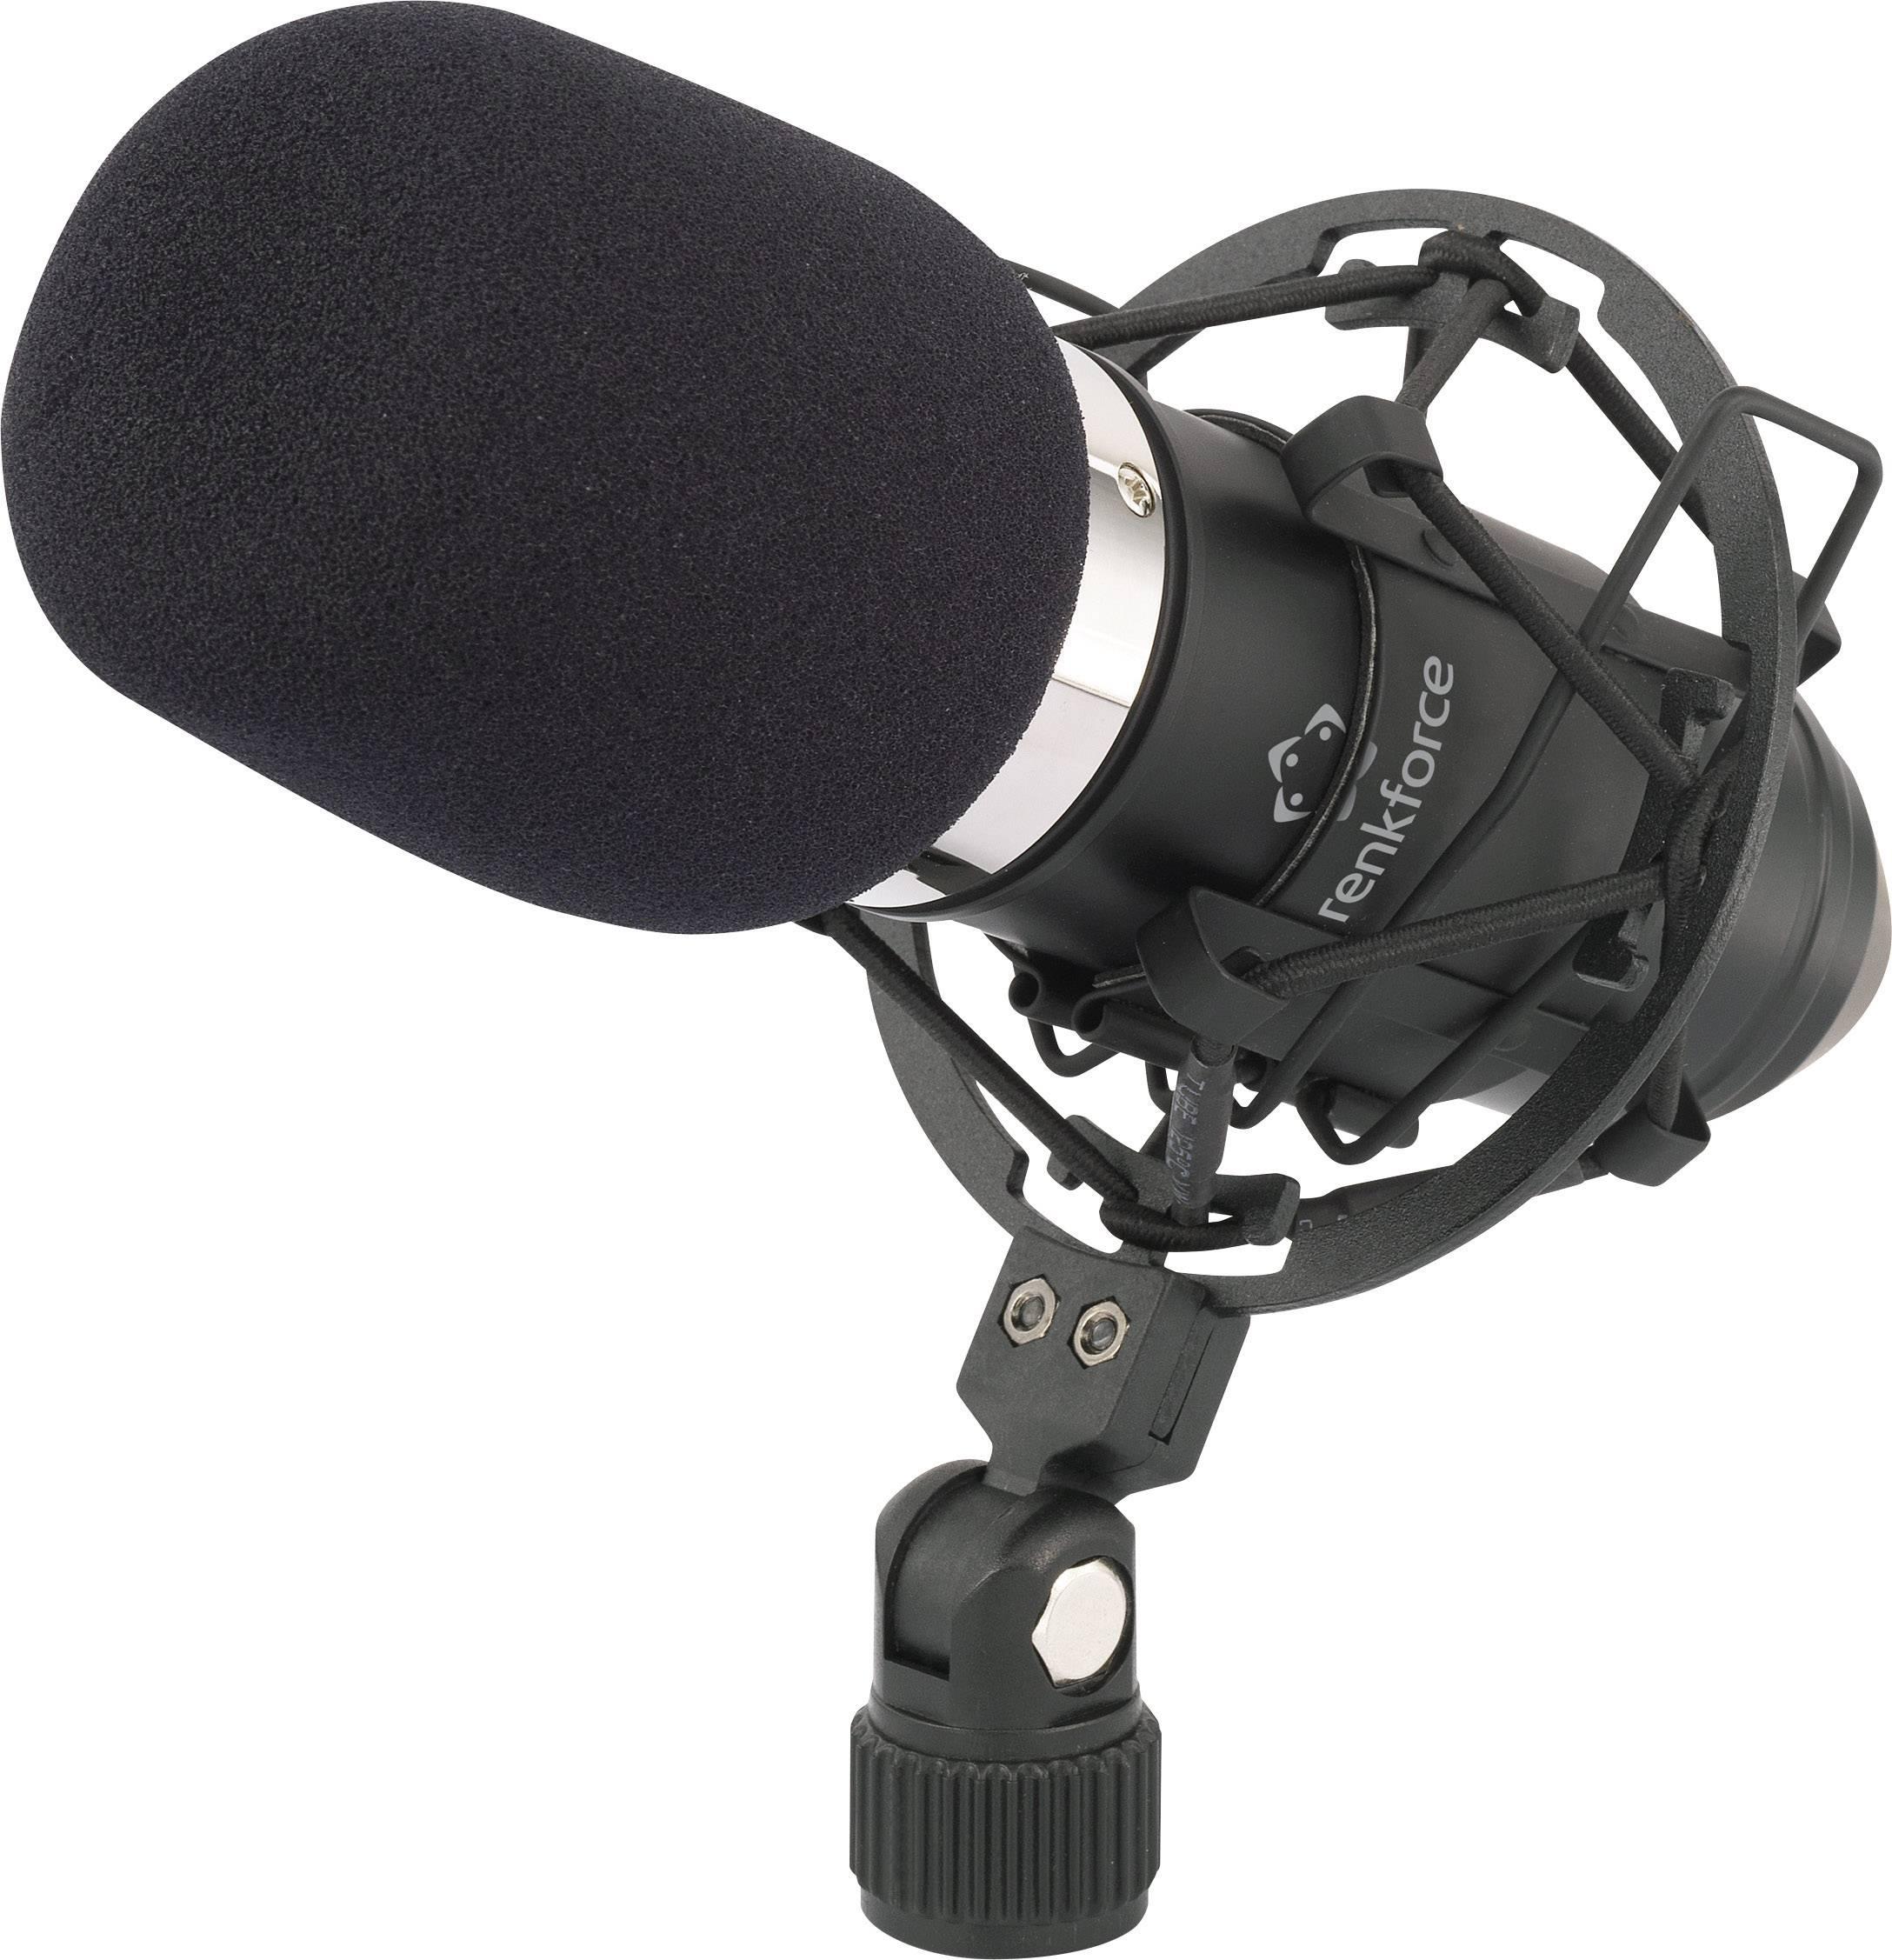 Štúdiový mikrofón Renkforce AT-100, káblový, vr. ochrany proti vetru, vr. pavúka